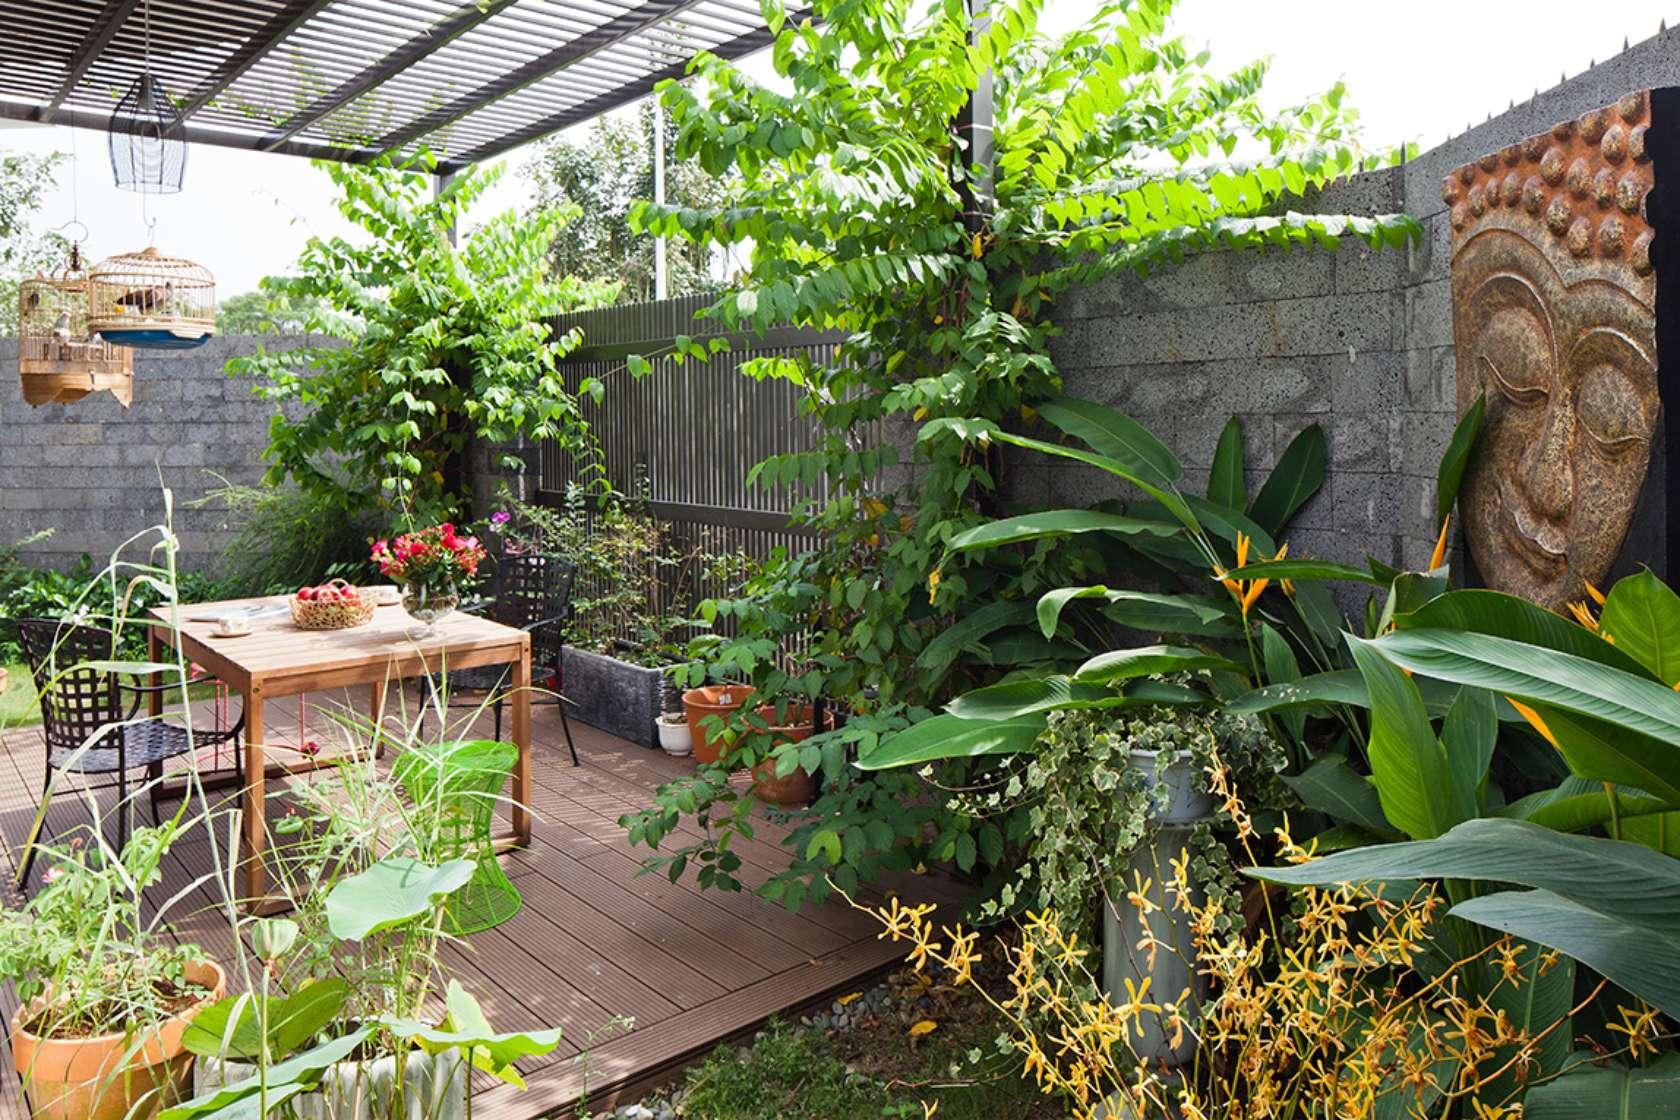 ngoi nha ngoai o sai thanh khien bao tay khong tiec loi khen ngoi e5a1476066 - D2 Town House Ngôi nhà có sân vườn cực đẹp ở Sài Gòn